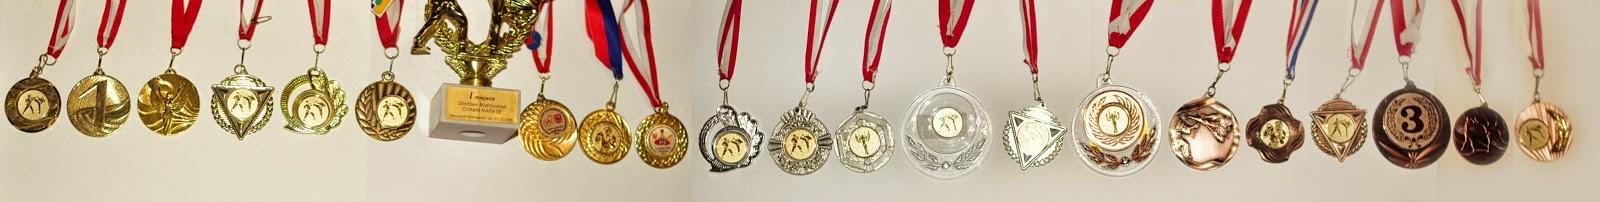 medale, złoto, srebro, brąz, puchar w Nowogrodzie Bobrzańskim